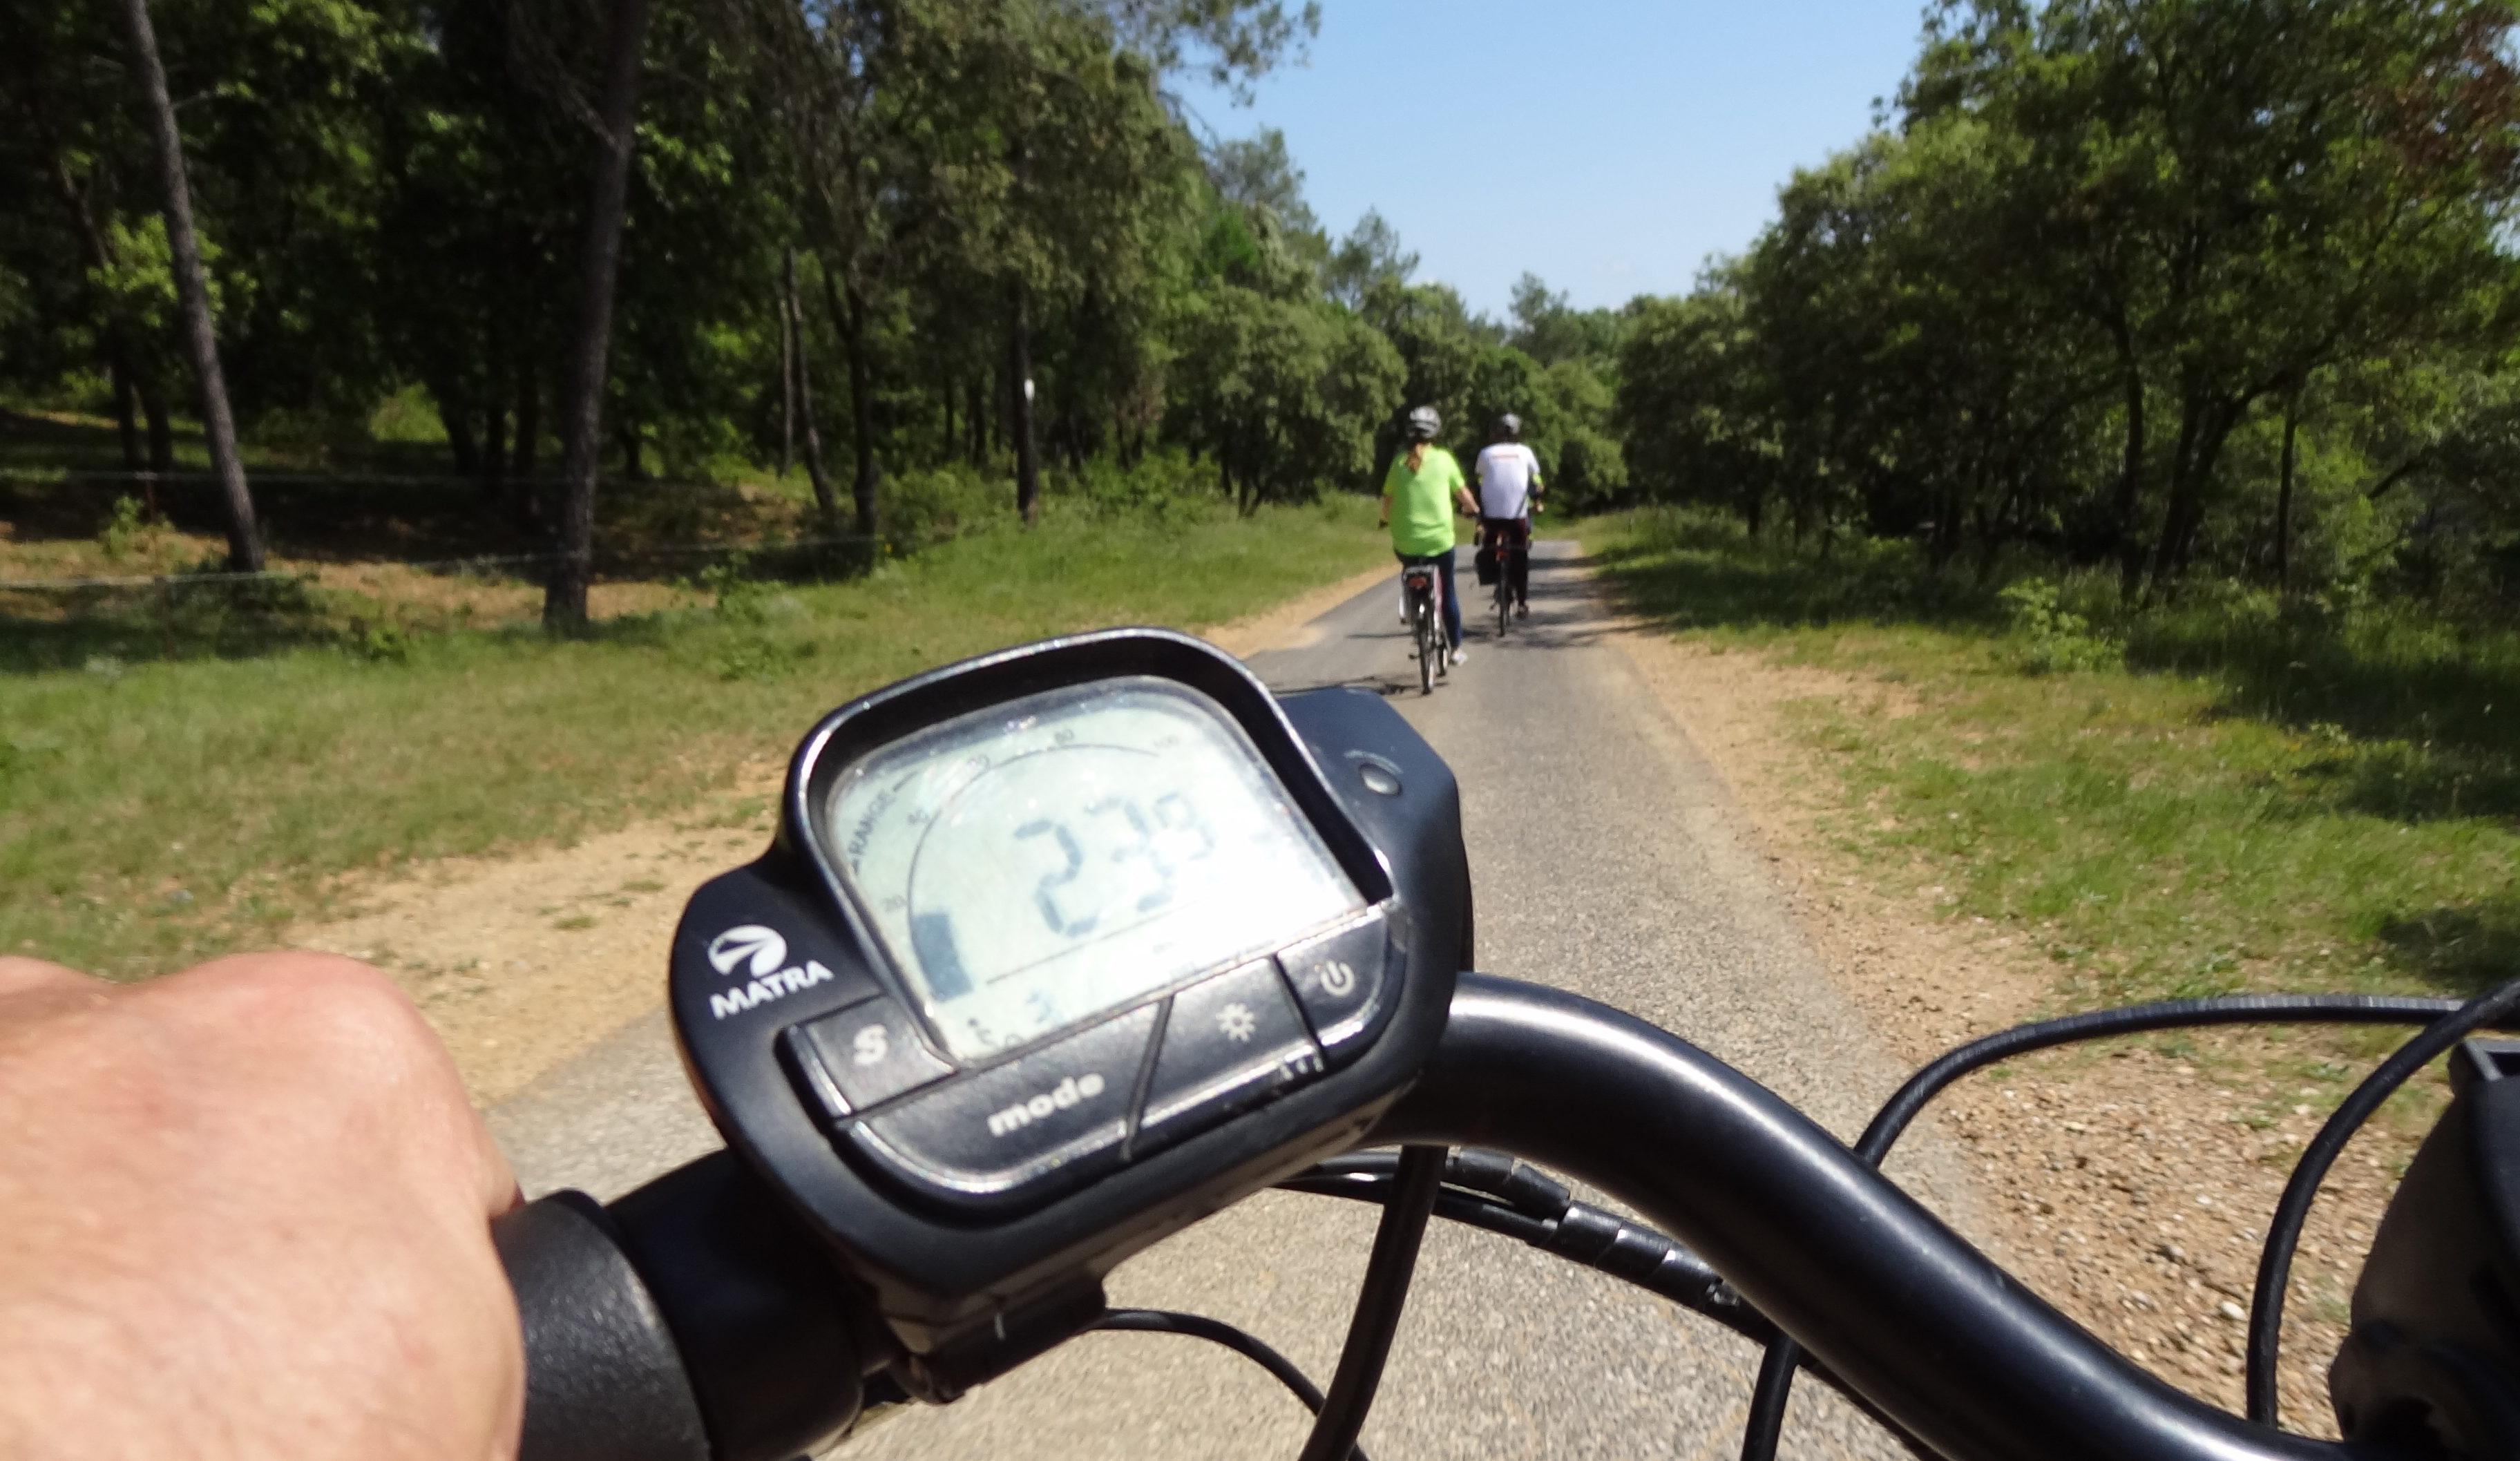 Balade en vélo électrique. Photo : Christophe Colrat